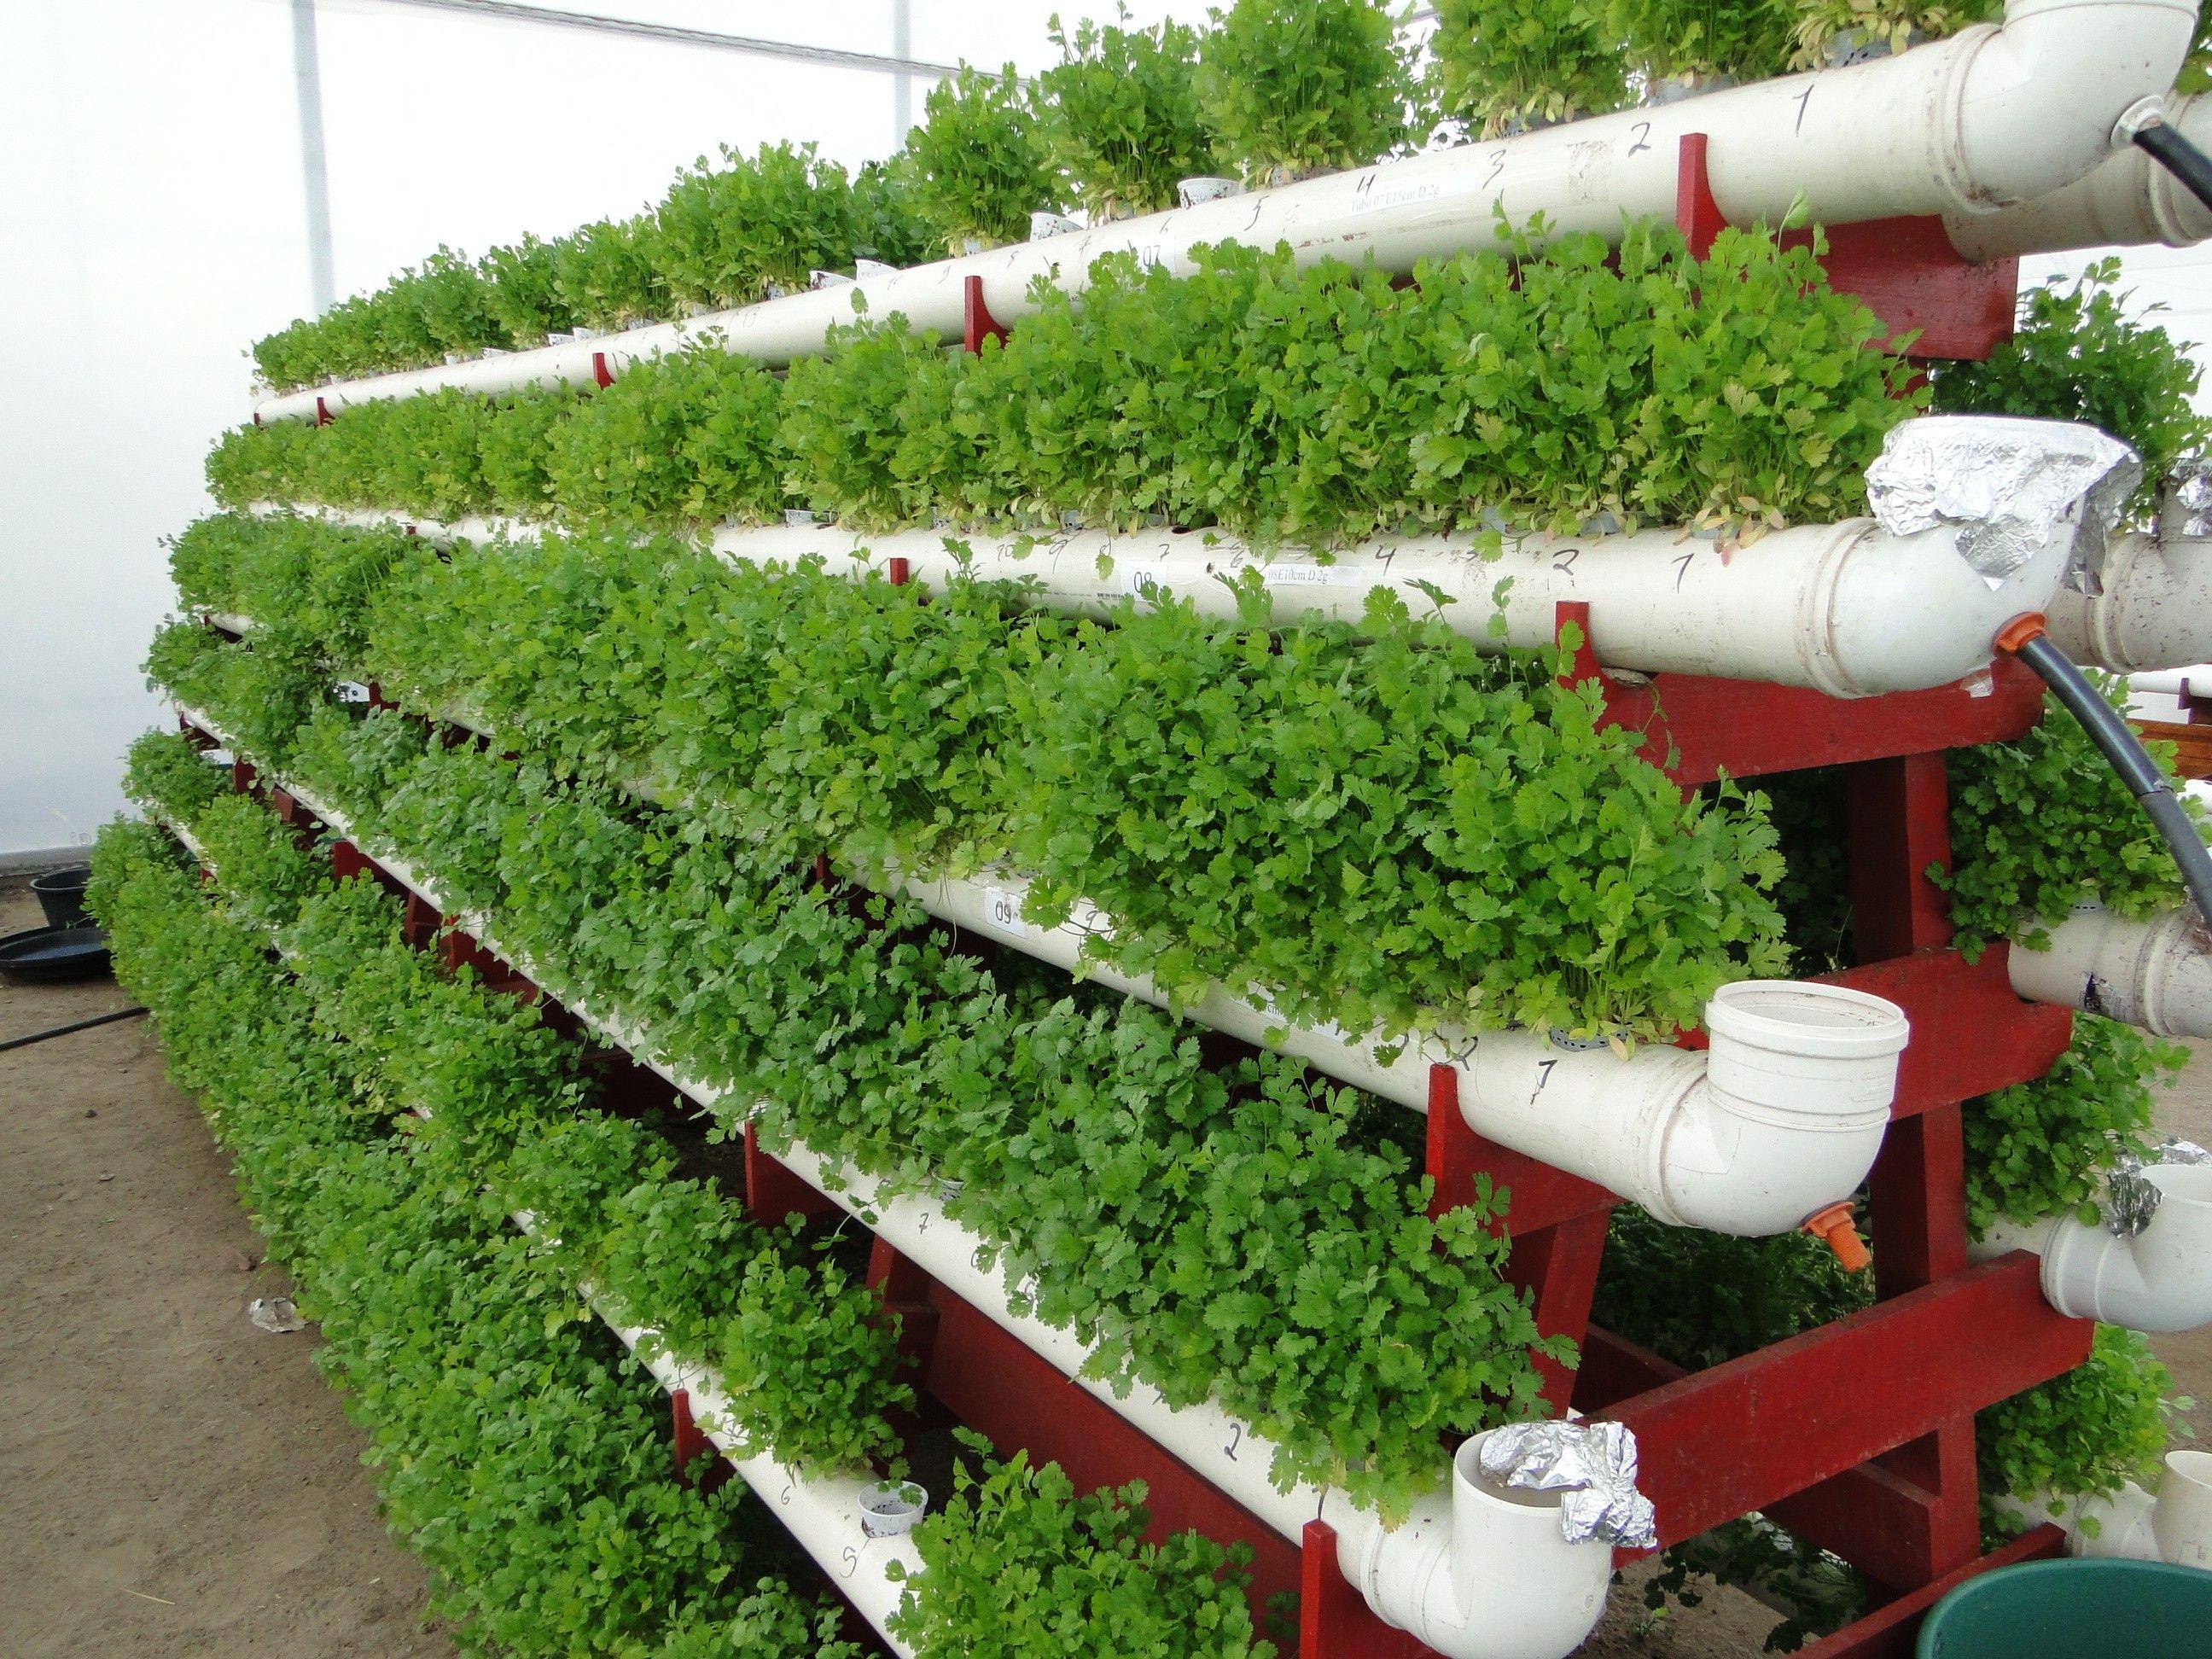 o cultivo hidropnico em regies semiridas mostrase como alternativa vivel para a produo de